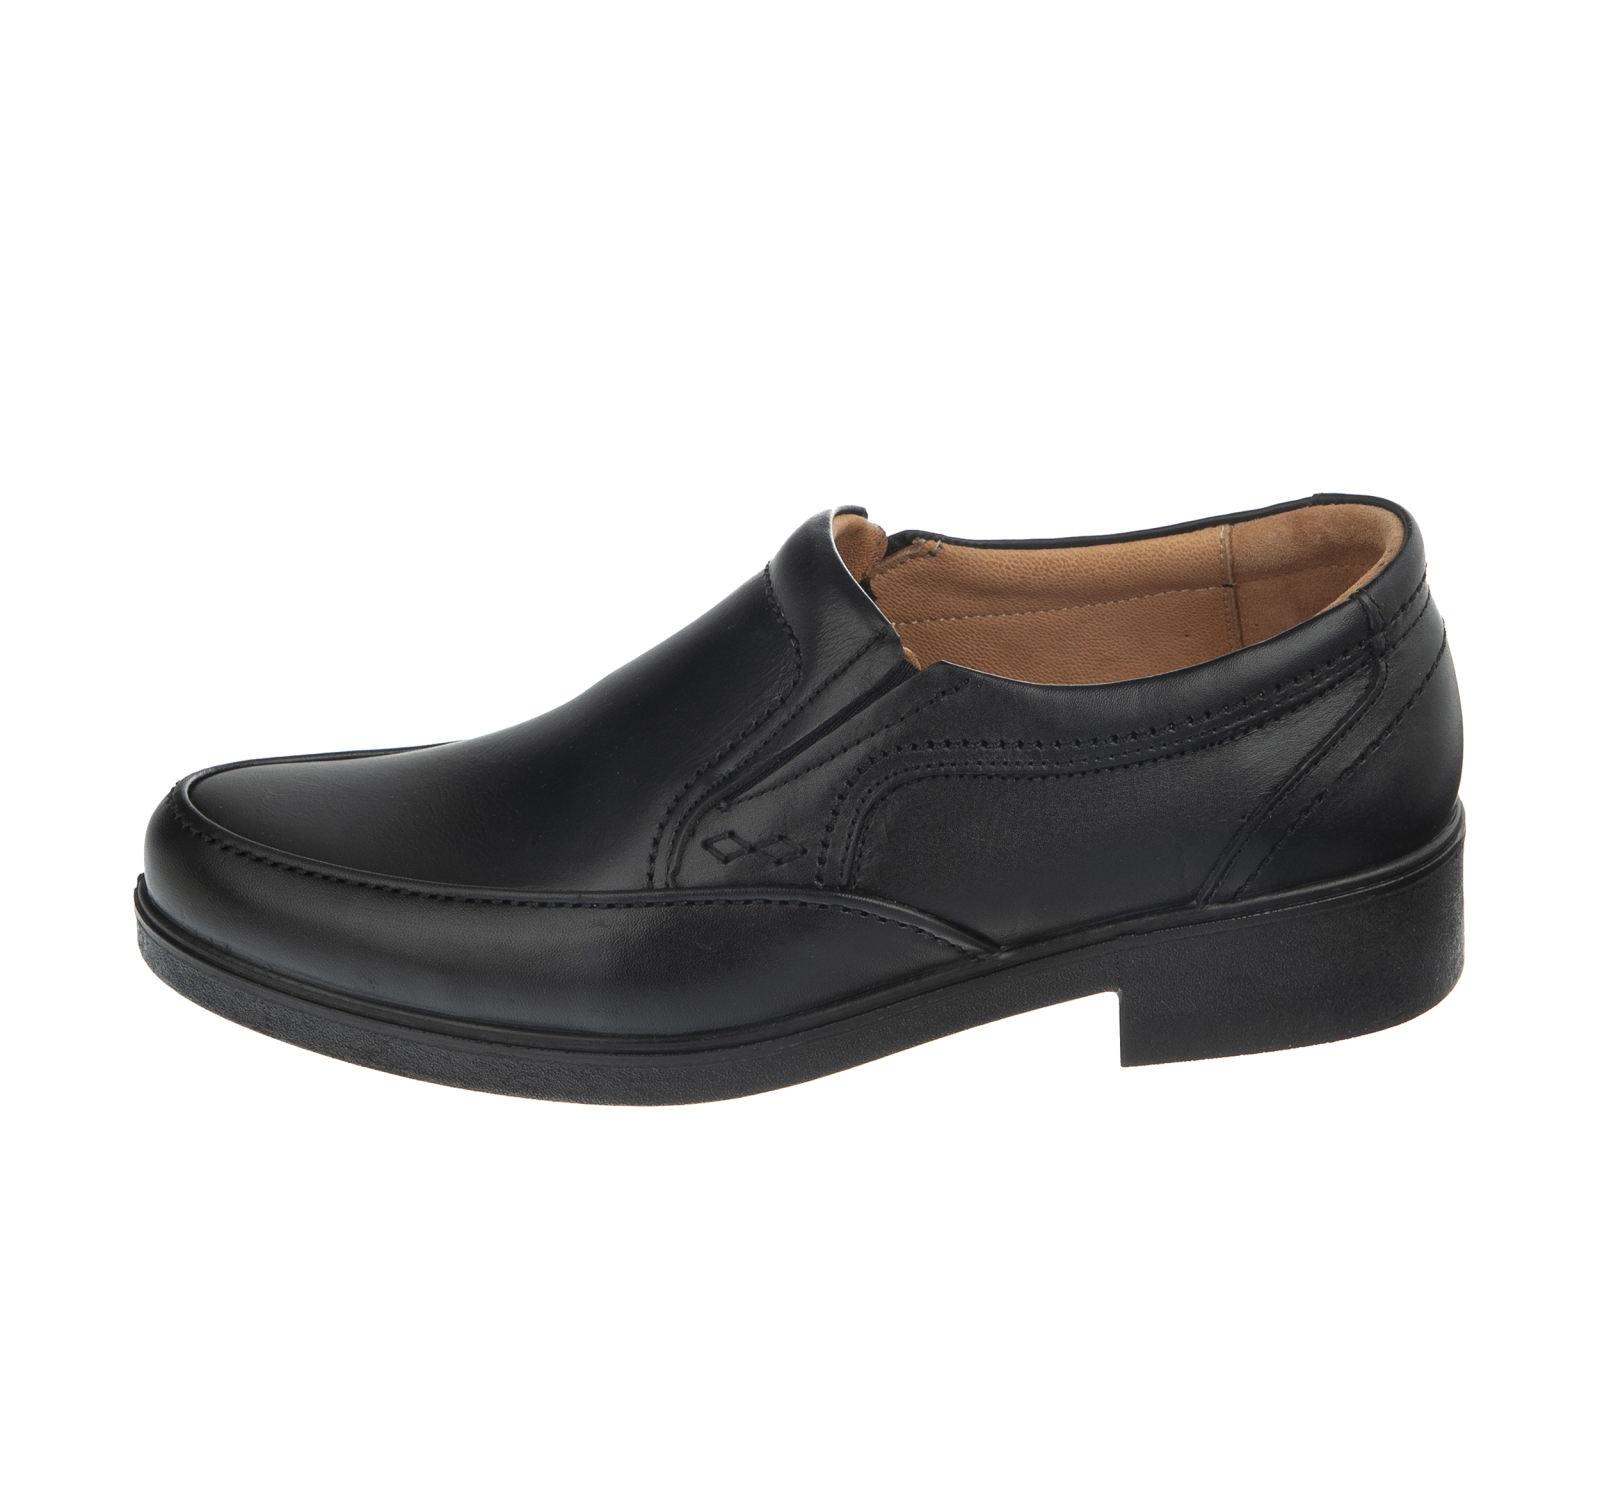 کفش مردانه طبی مجلسی کد 1011